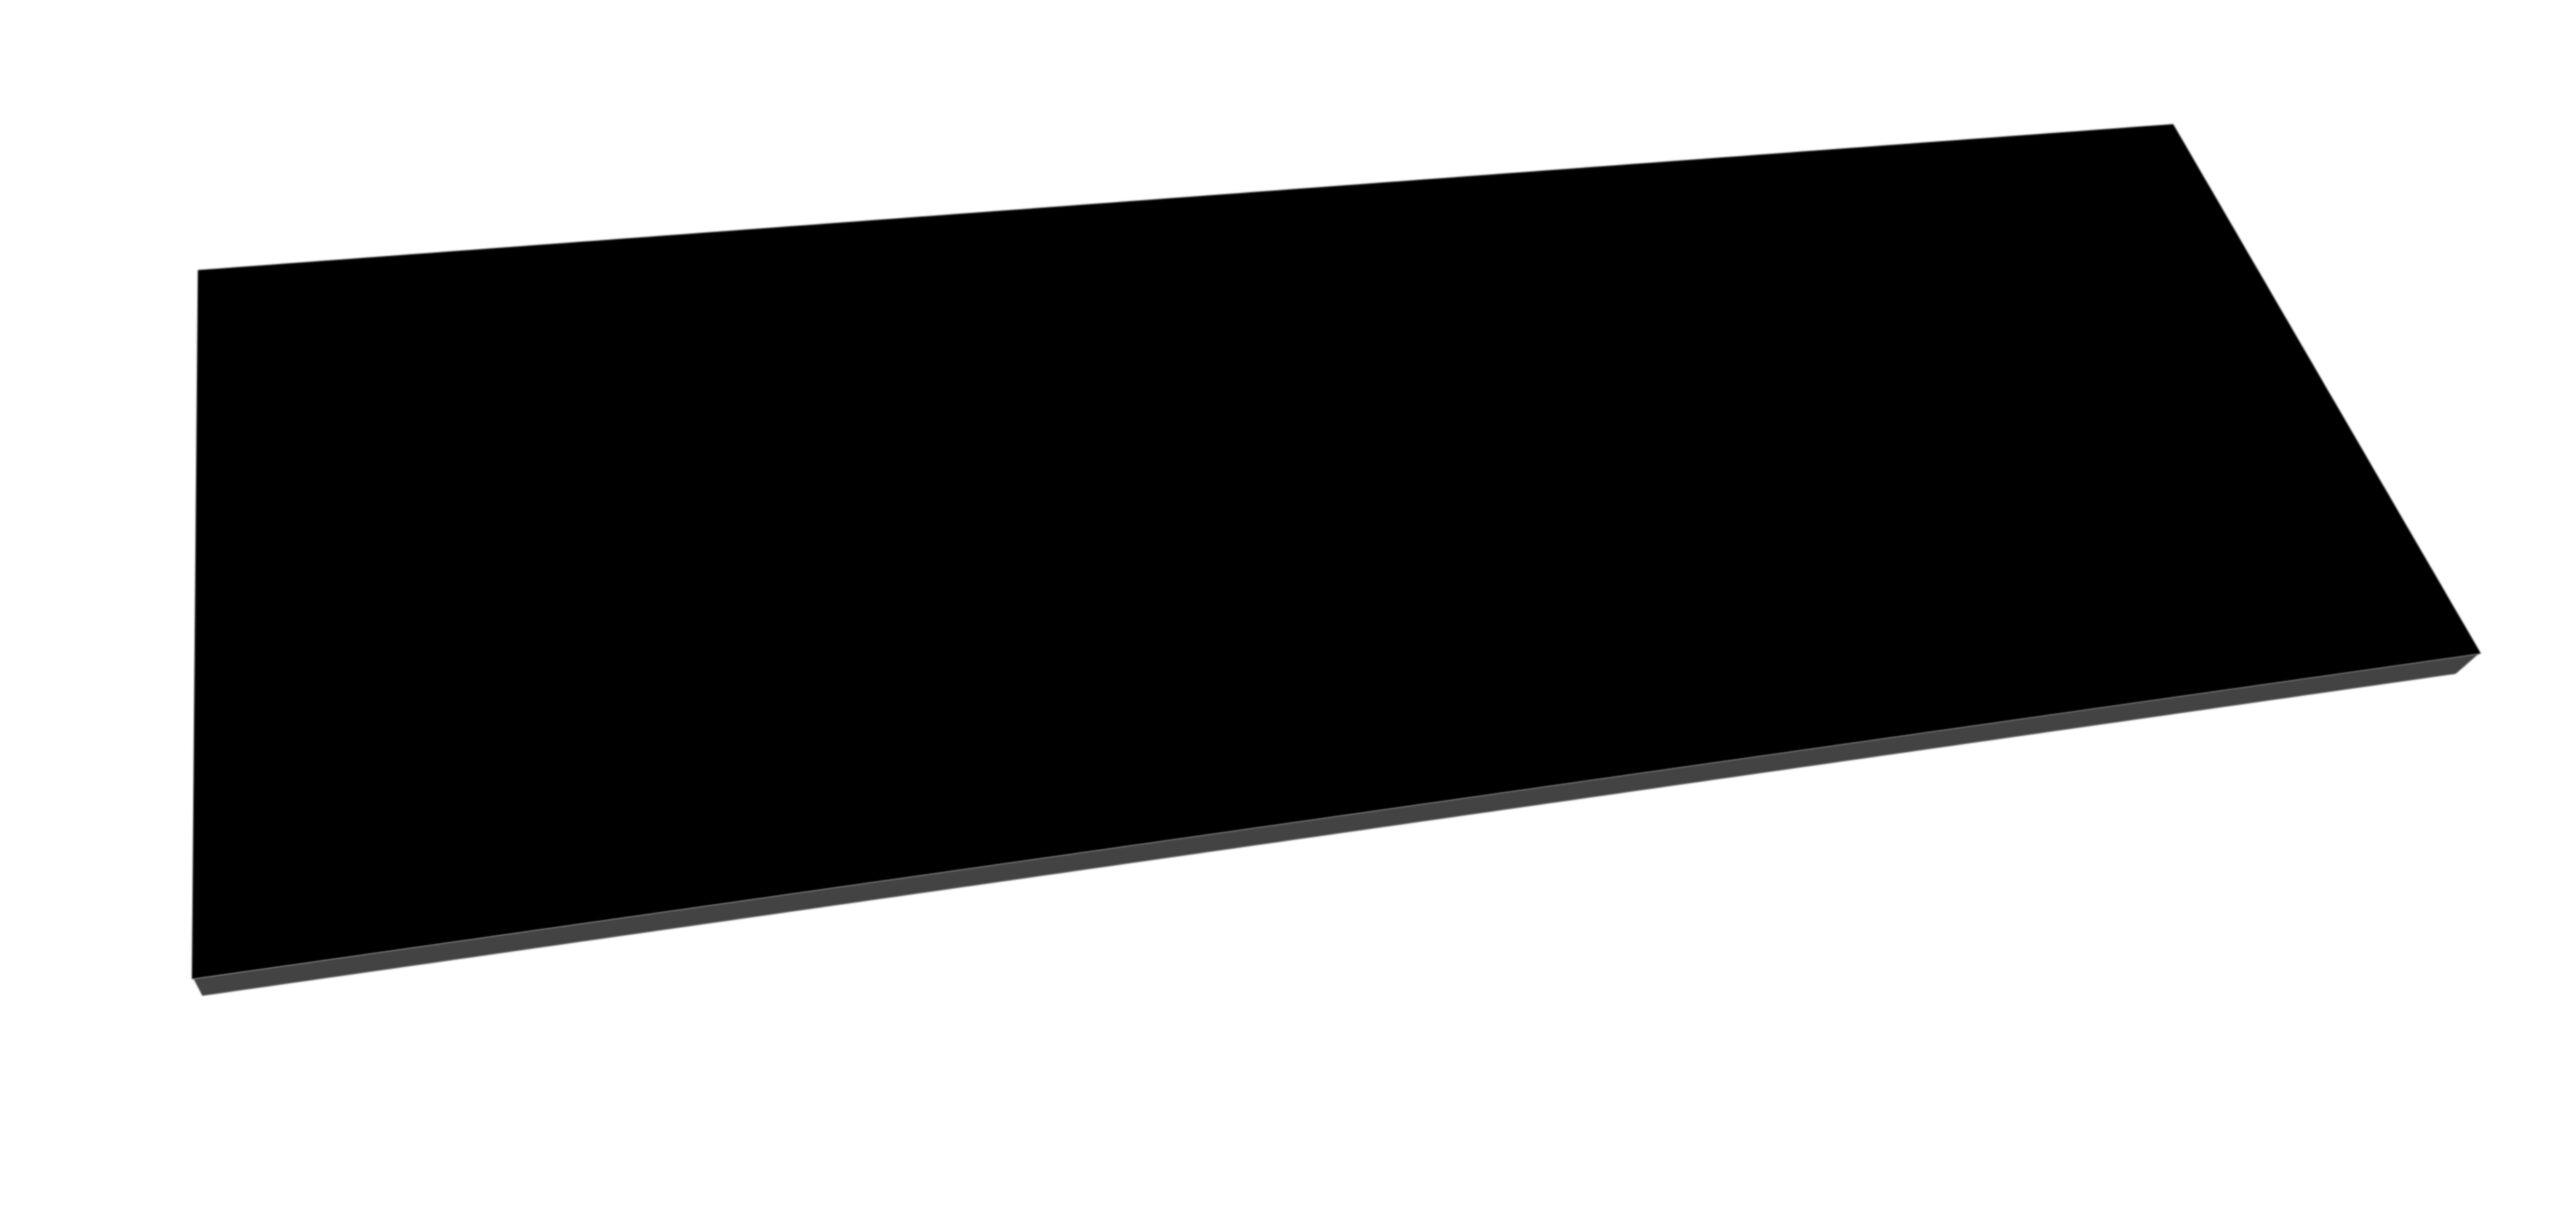 Best Design Beauty meubelblad 120cm mat zwart